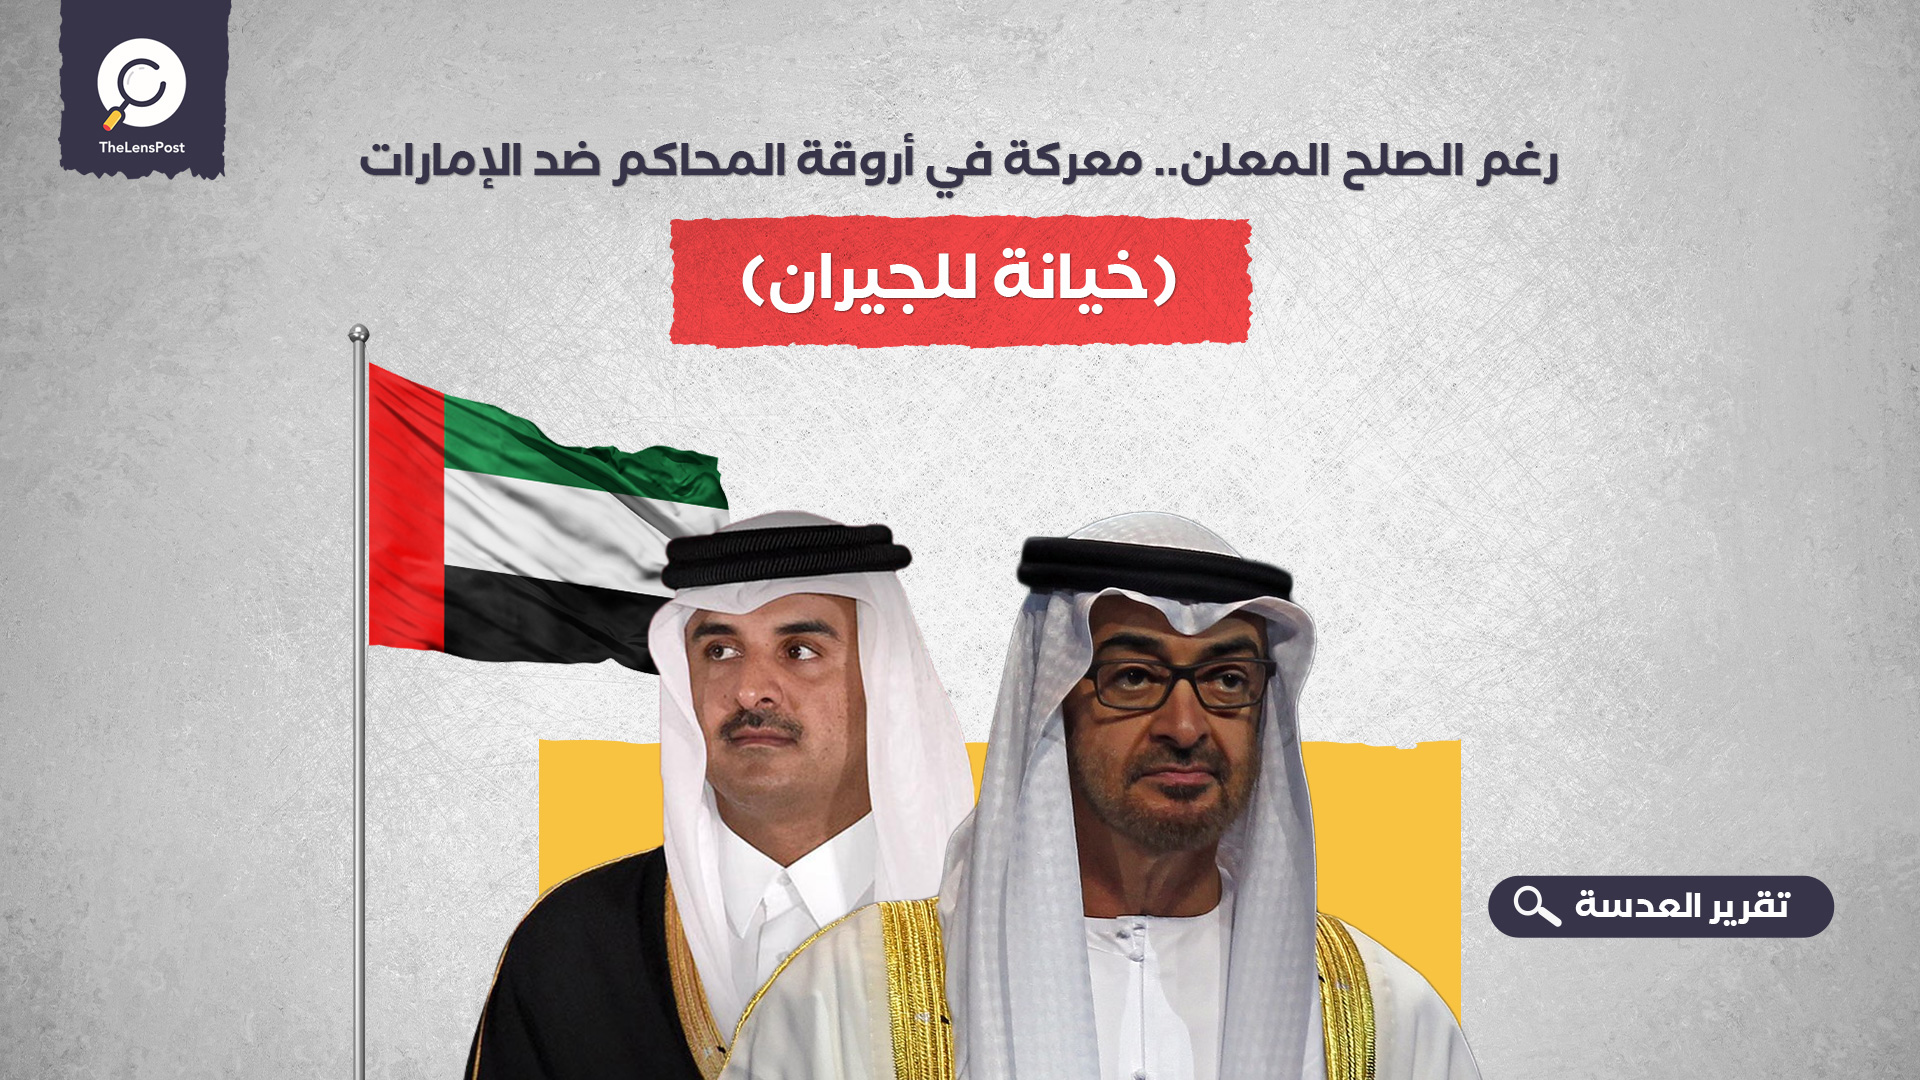 رغم الصلح المعلن.. معركة في أروقة المحاكم ضد الإمارات